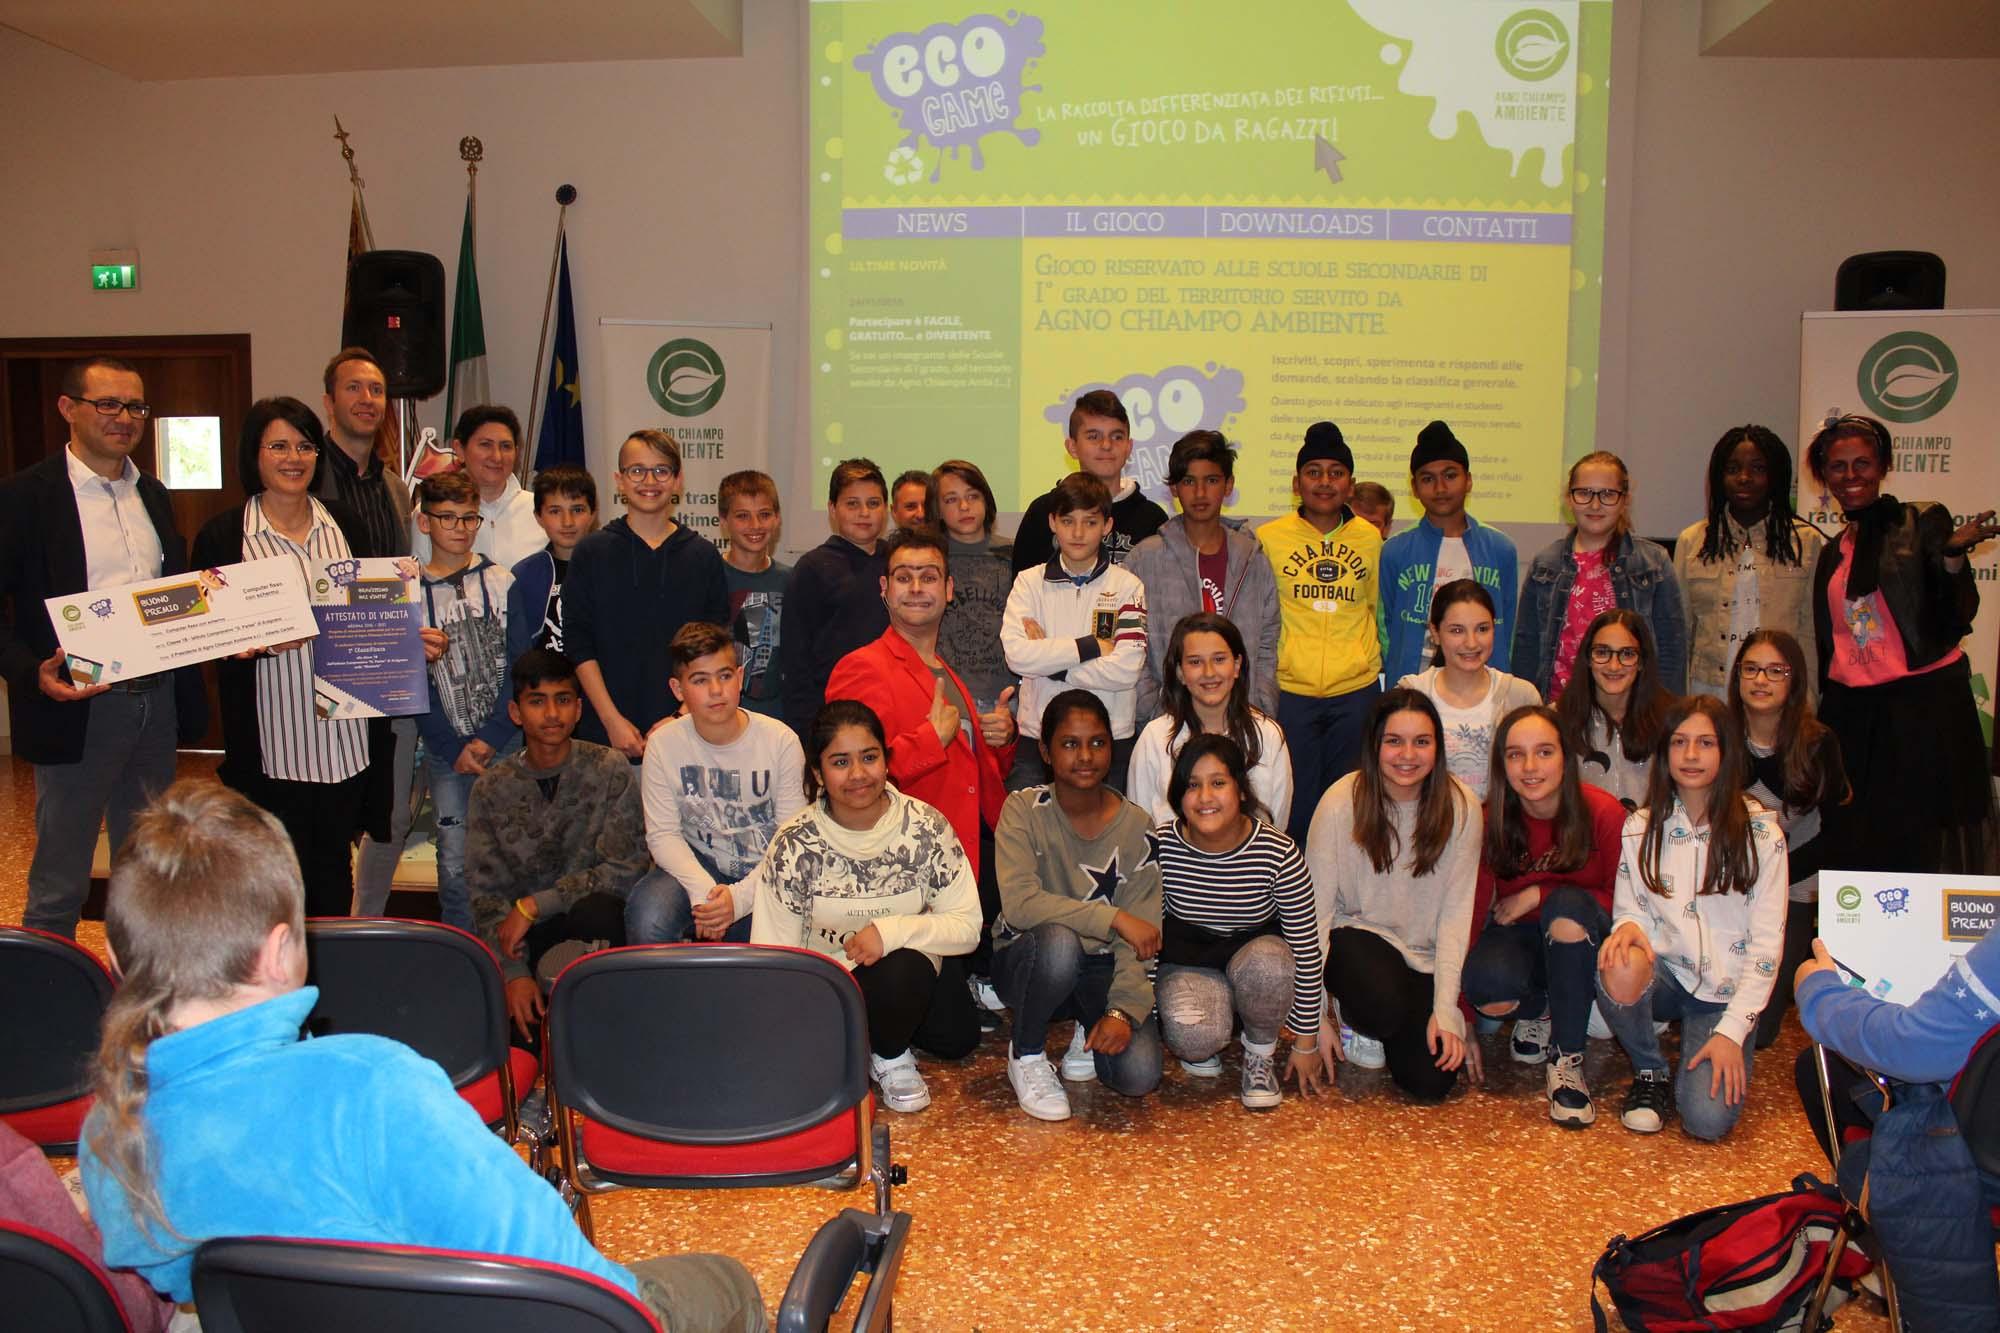 1° classificata classe I B istituto Parise Arzignano